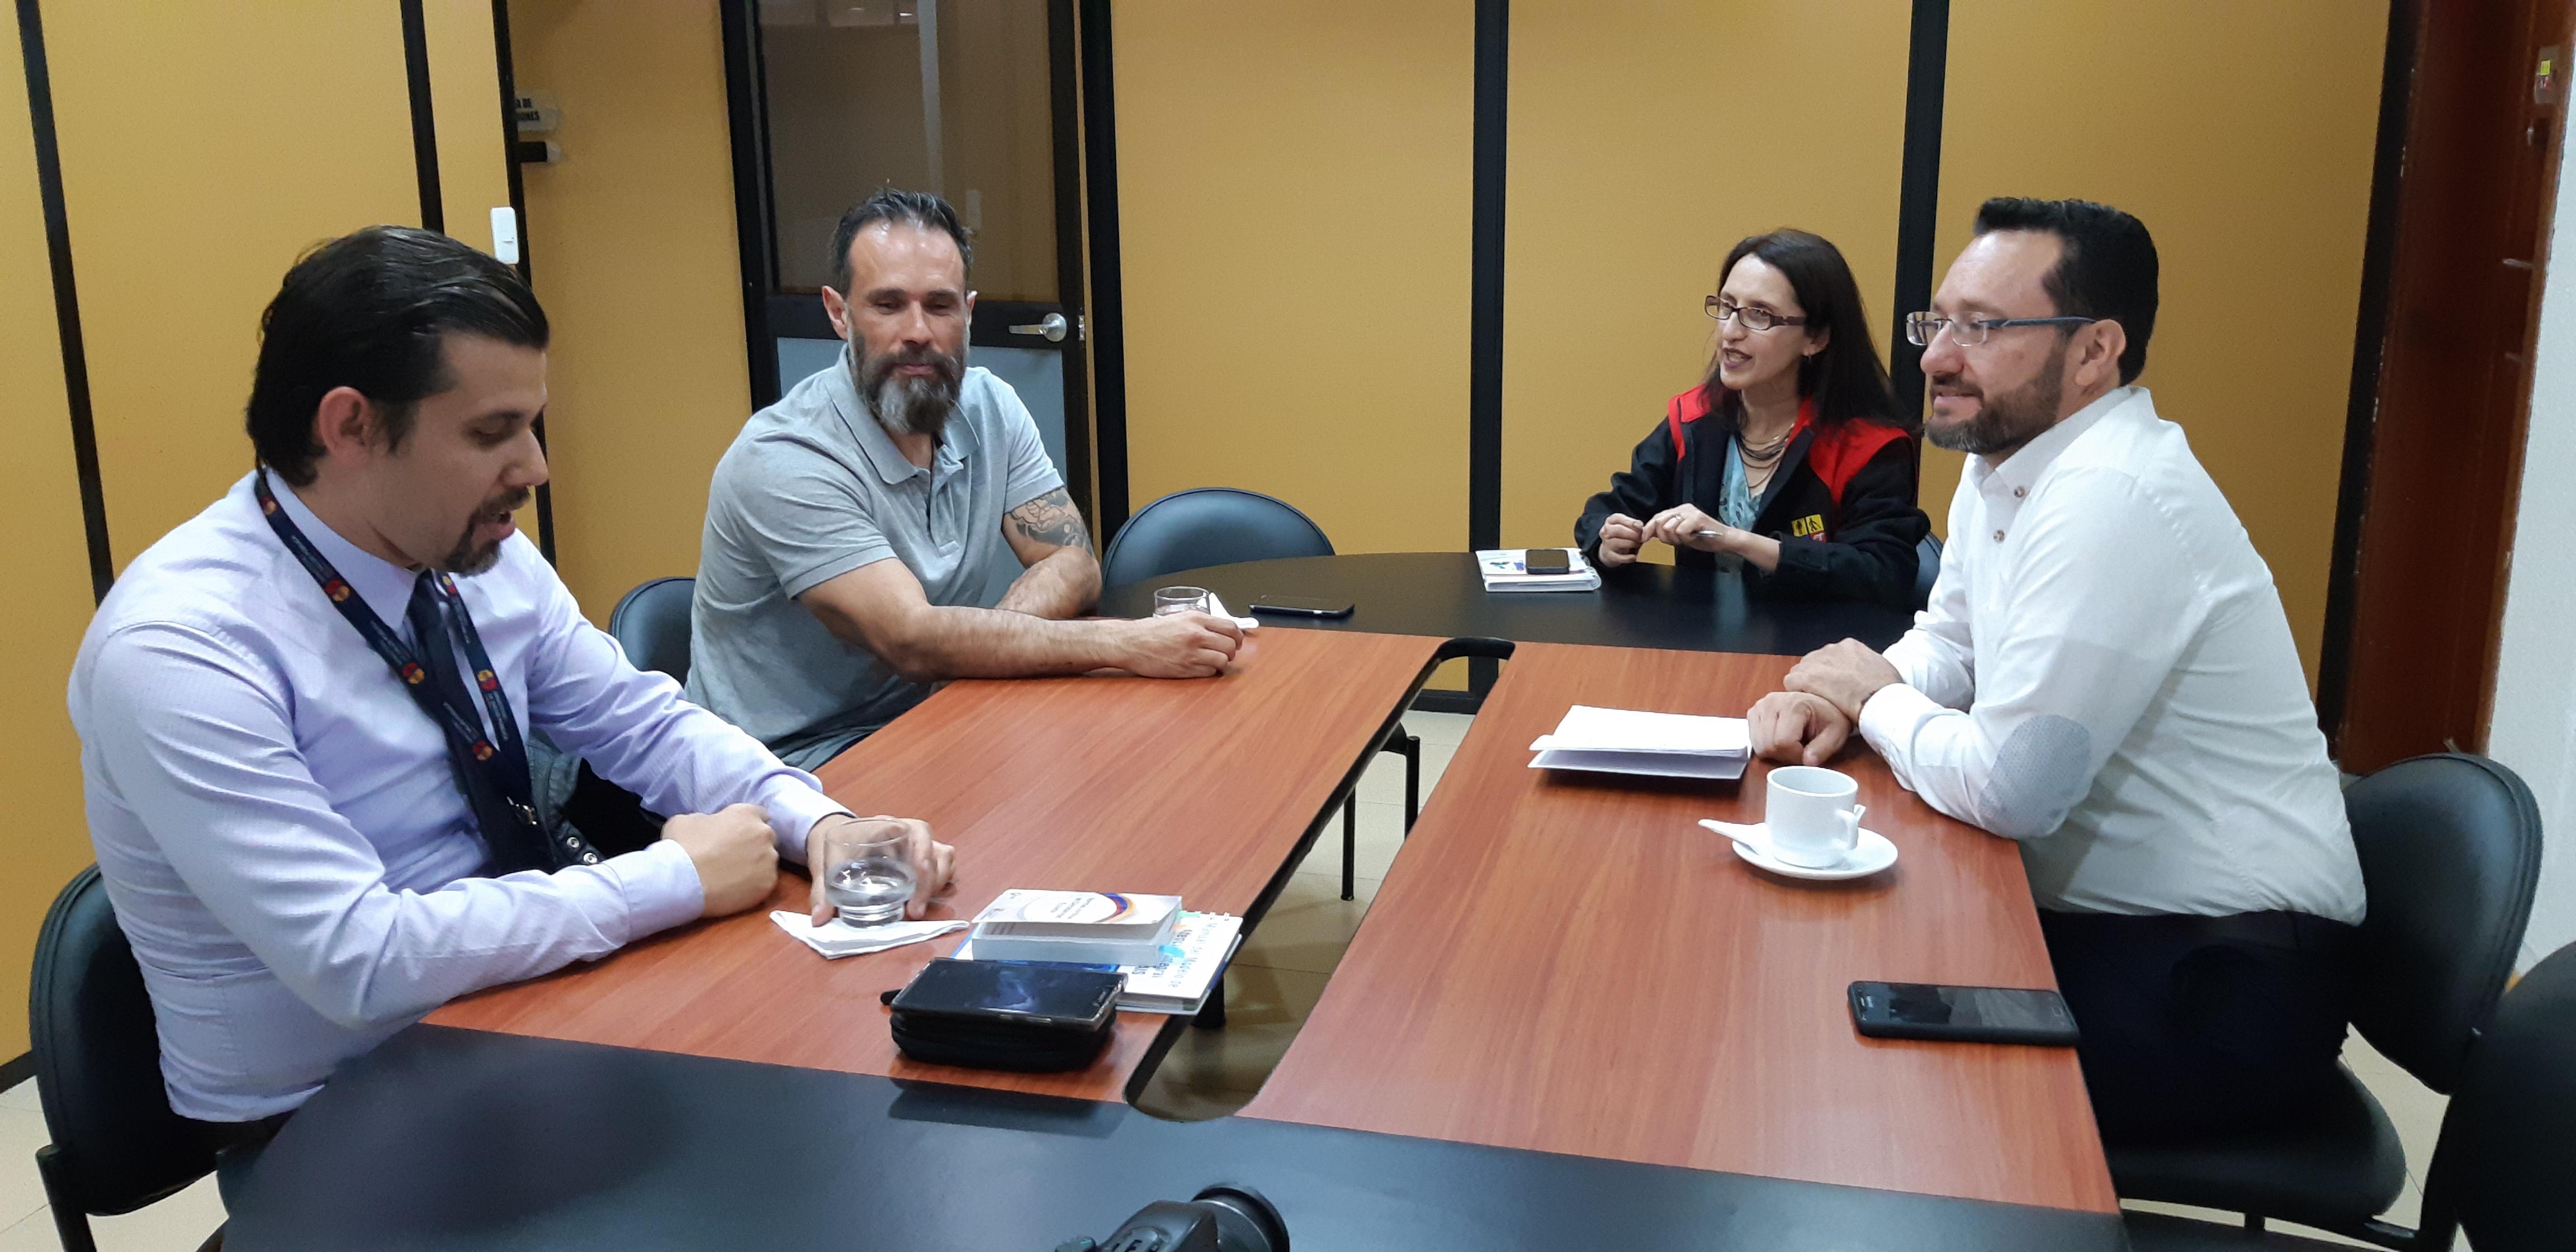 Importante socialización del proyecto en el CONADIS en conjunto con el MSP